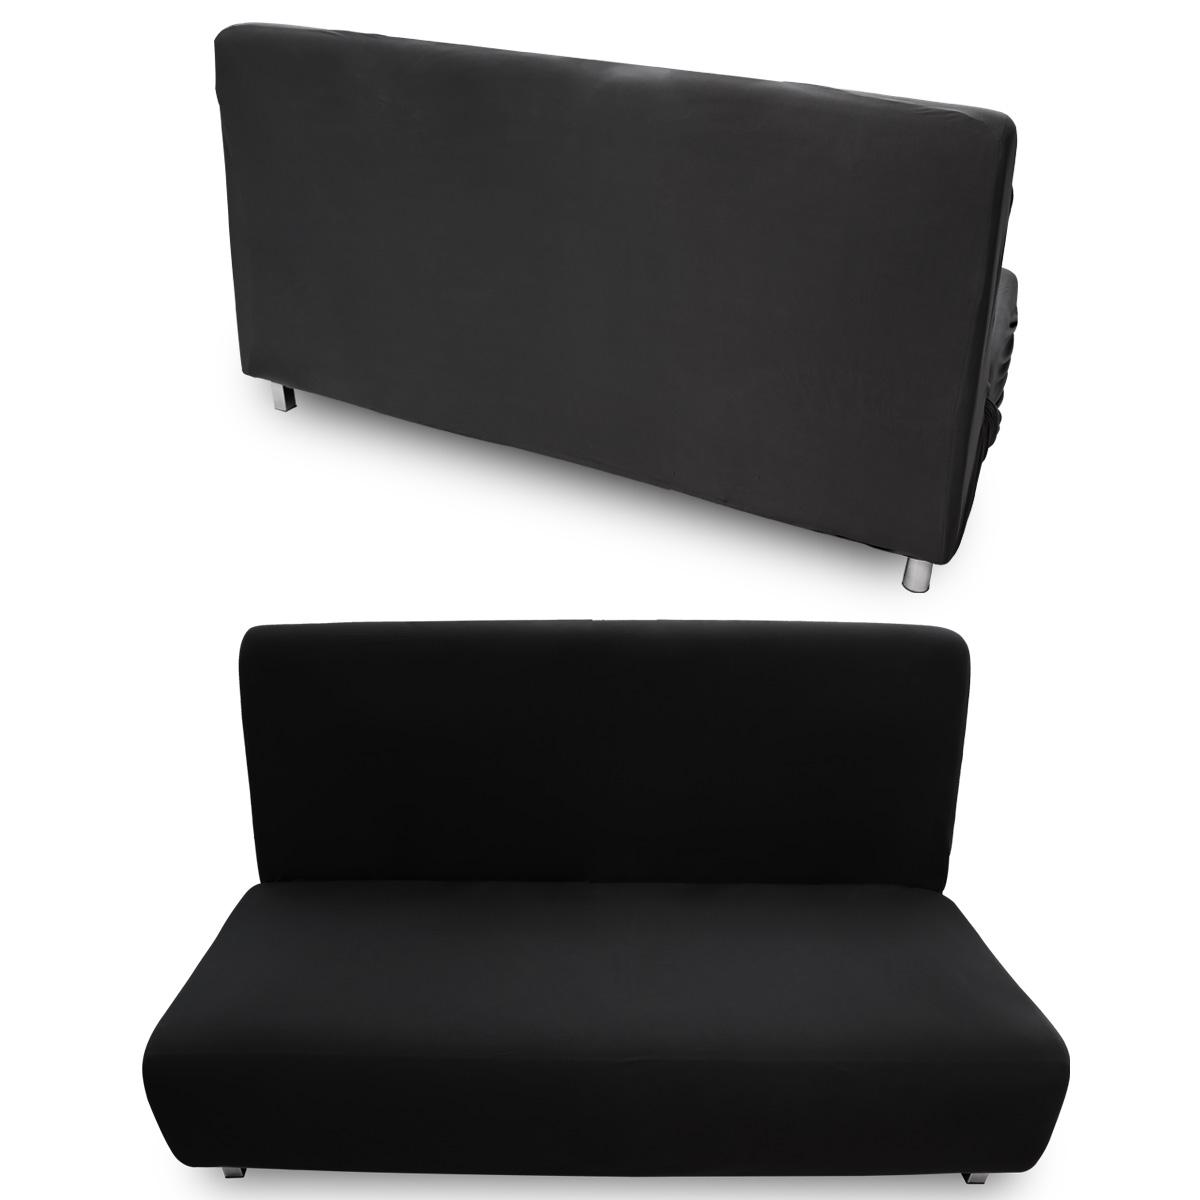 Fundas de sof elastica ajustable para sof s cama clic - Fundas elasticas para sofa ...